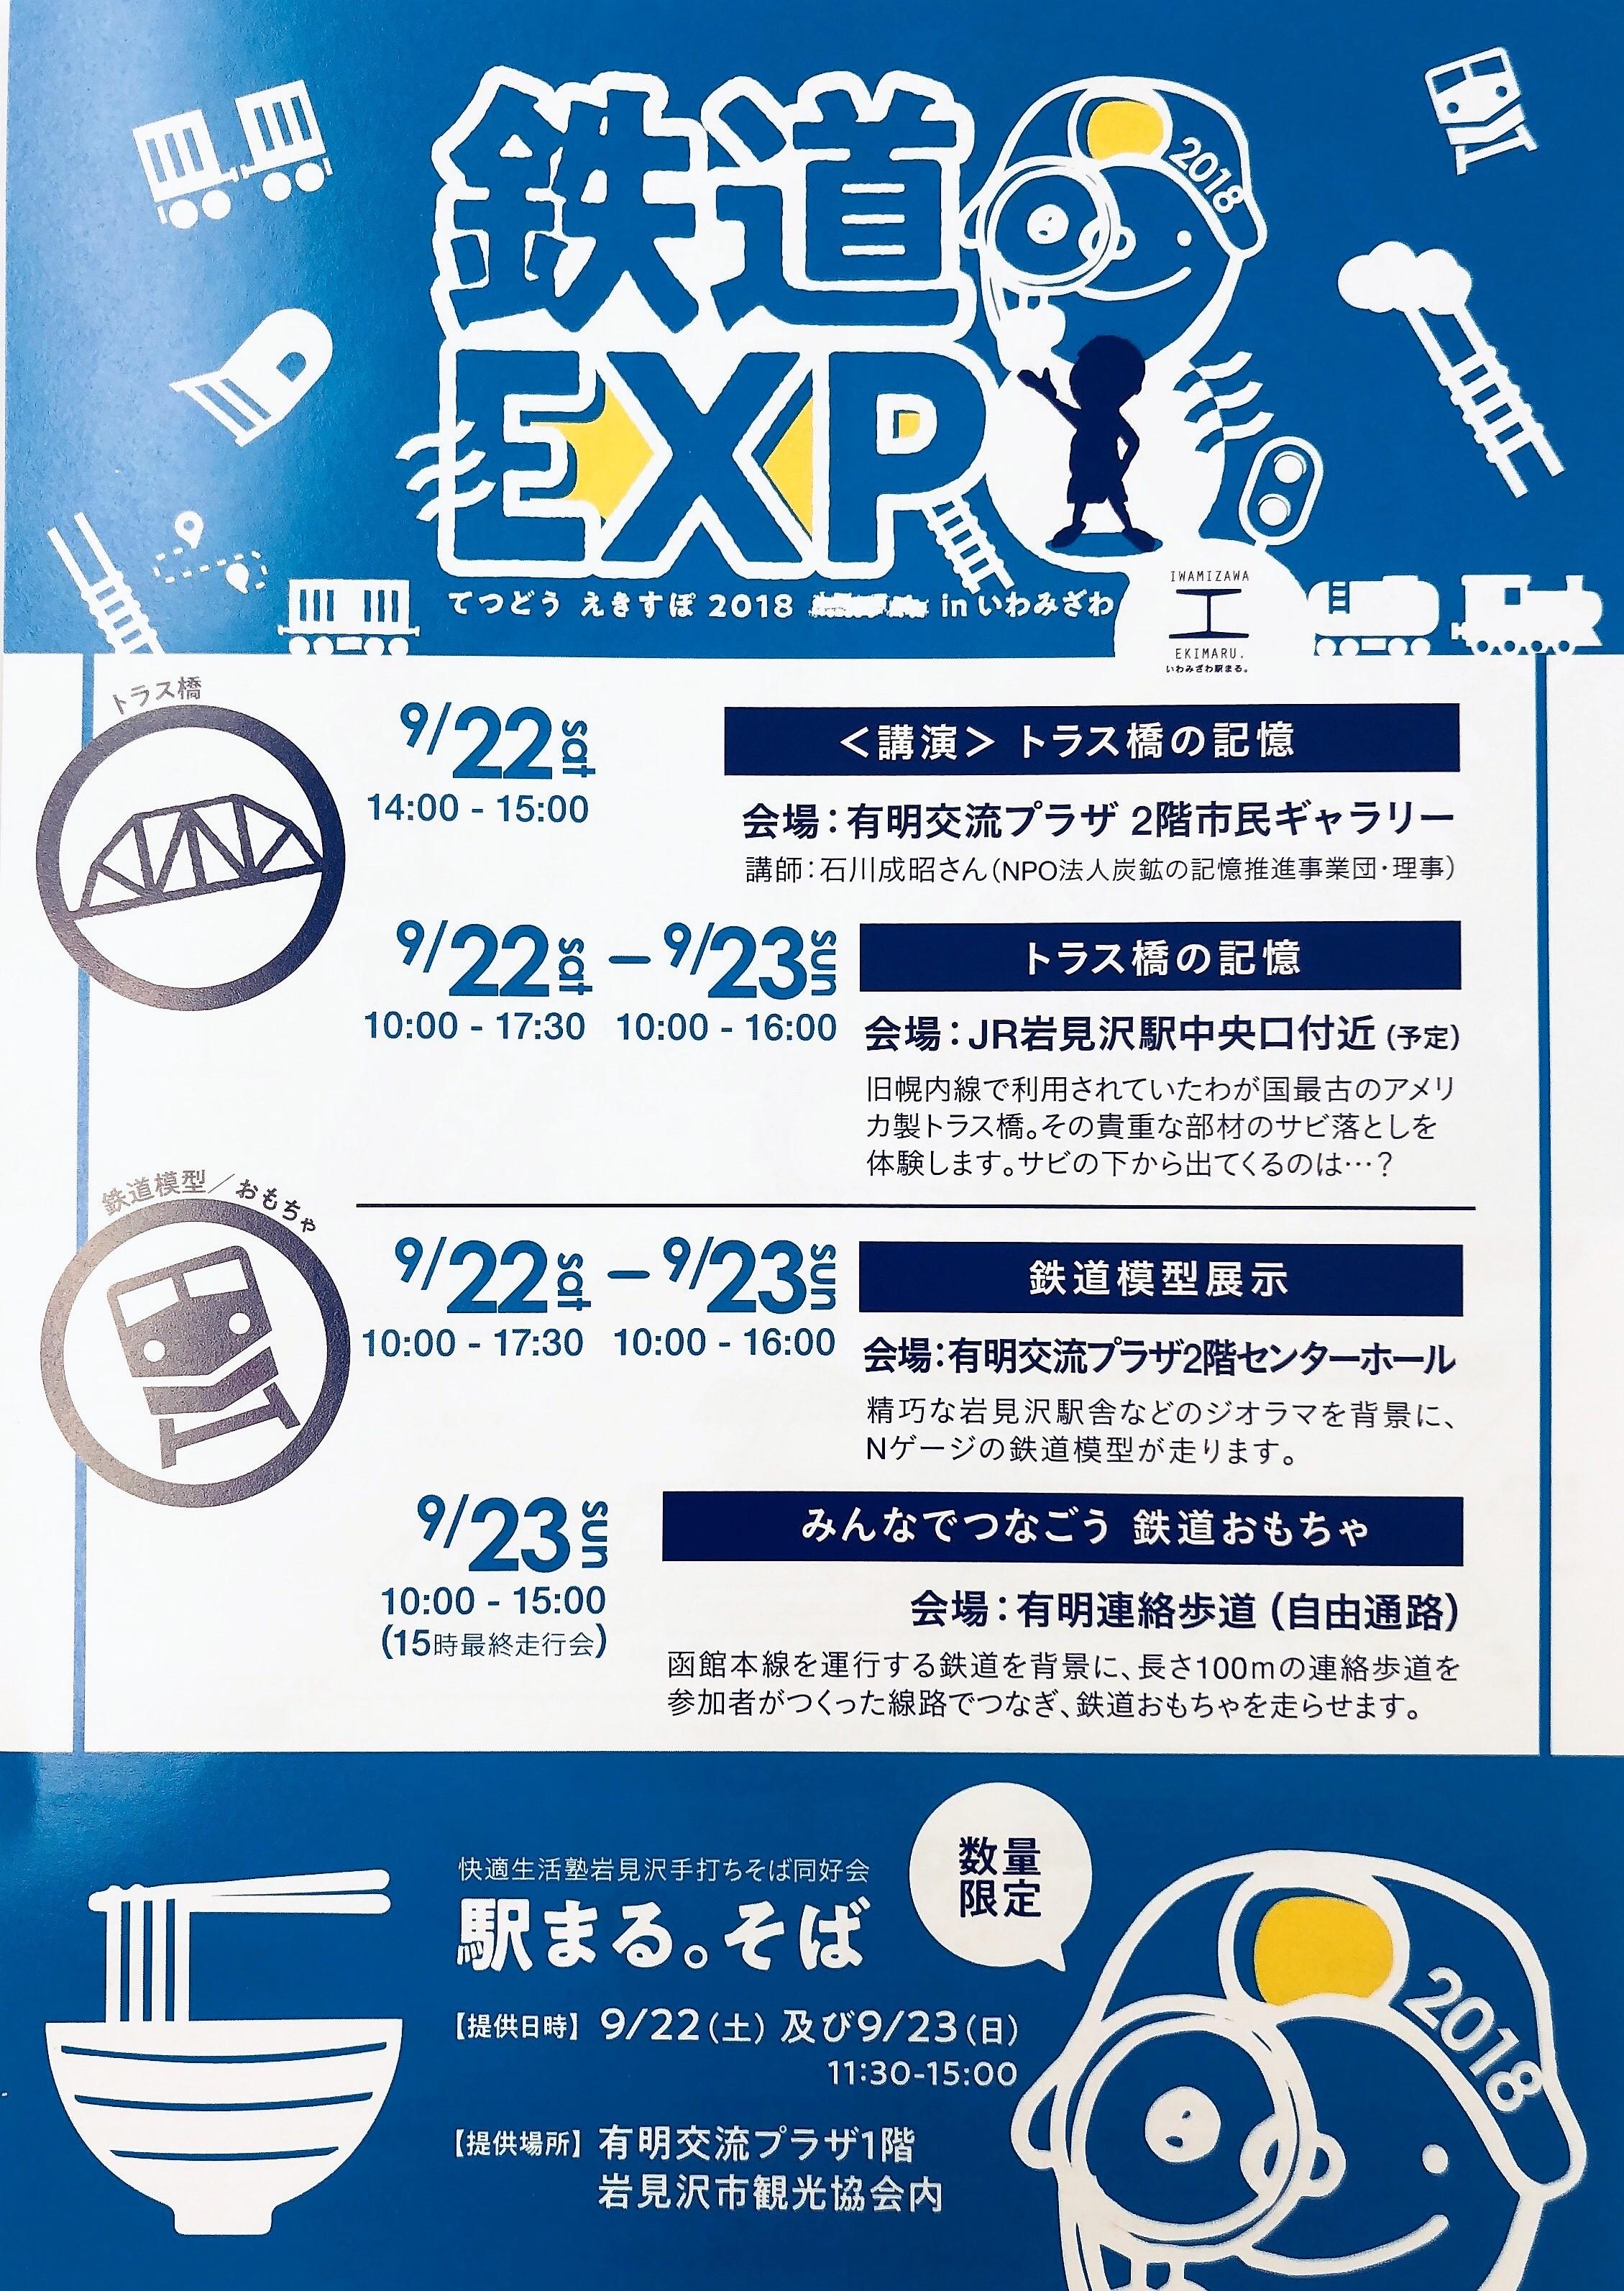 鉄道EXP2